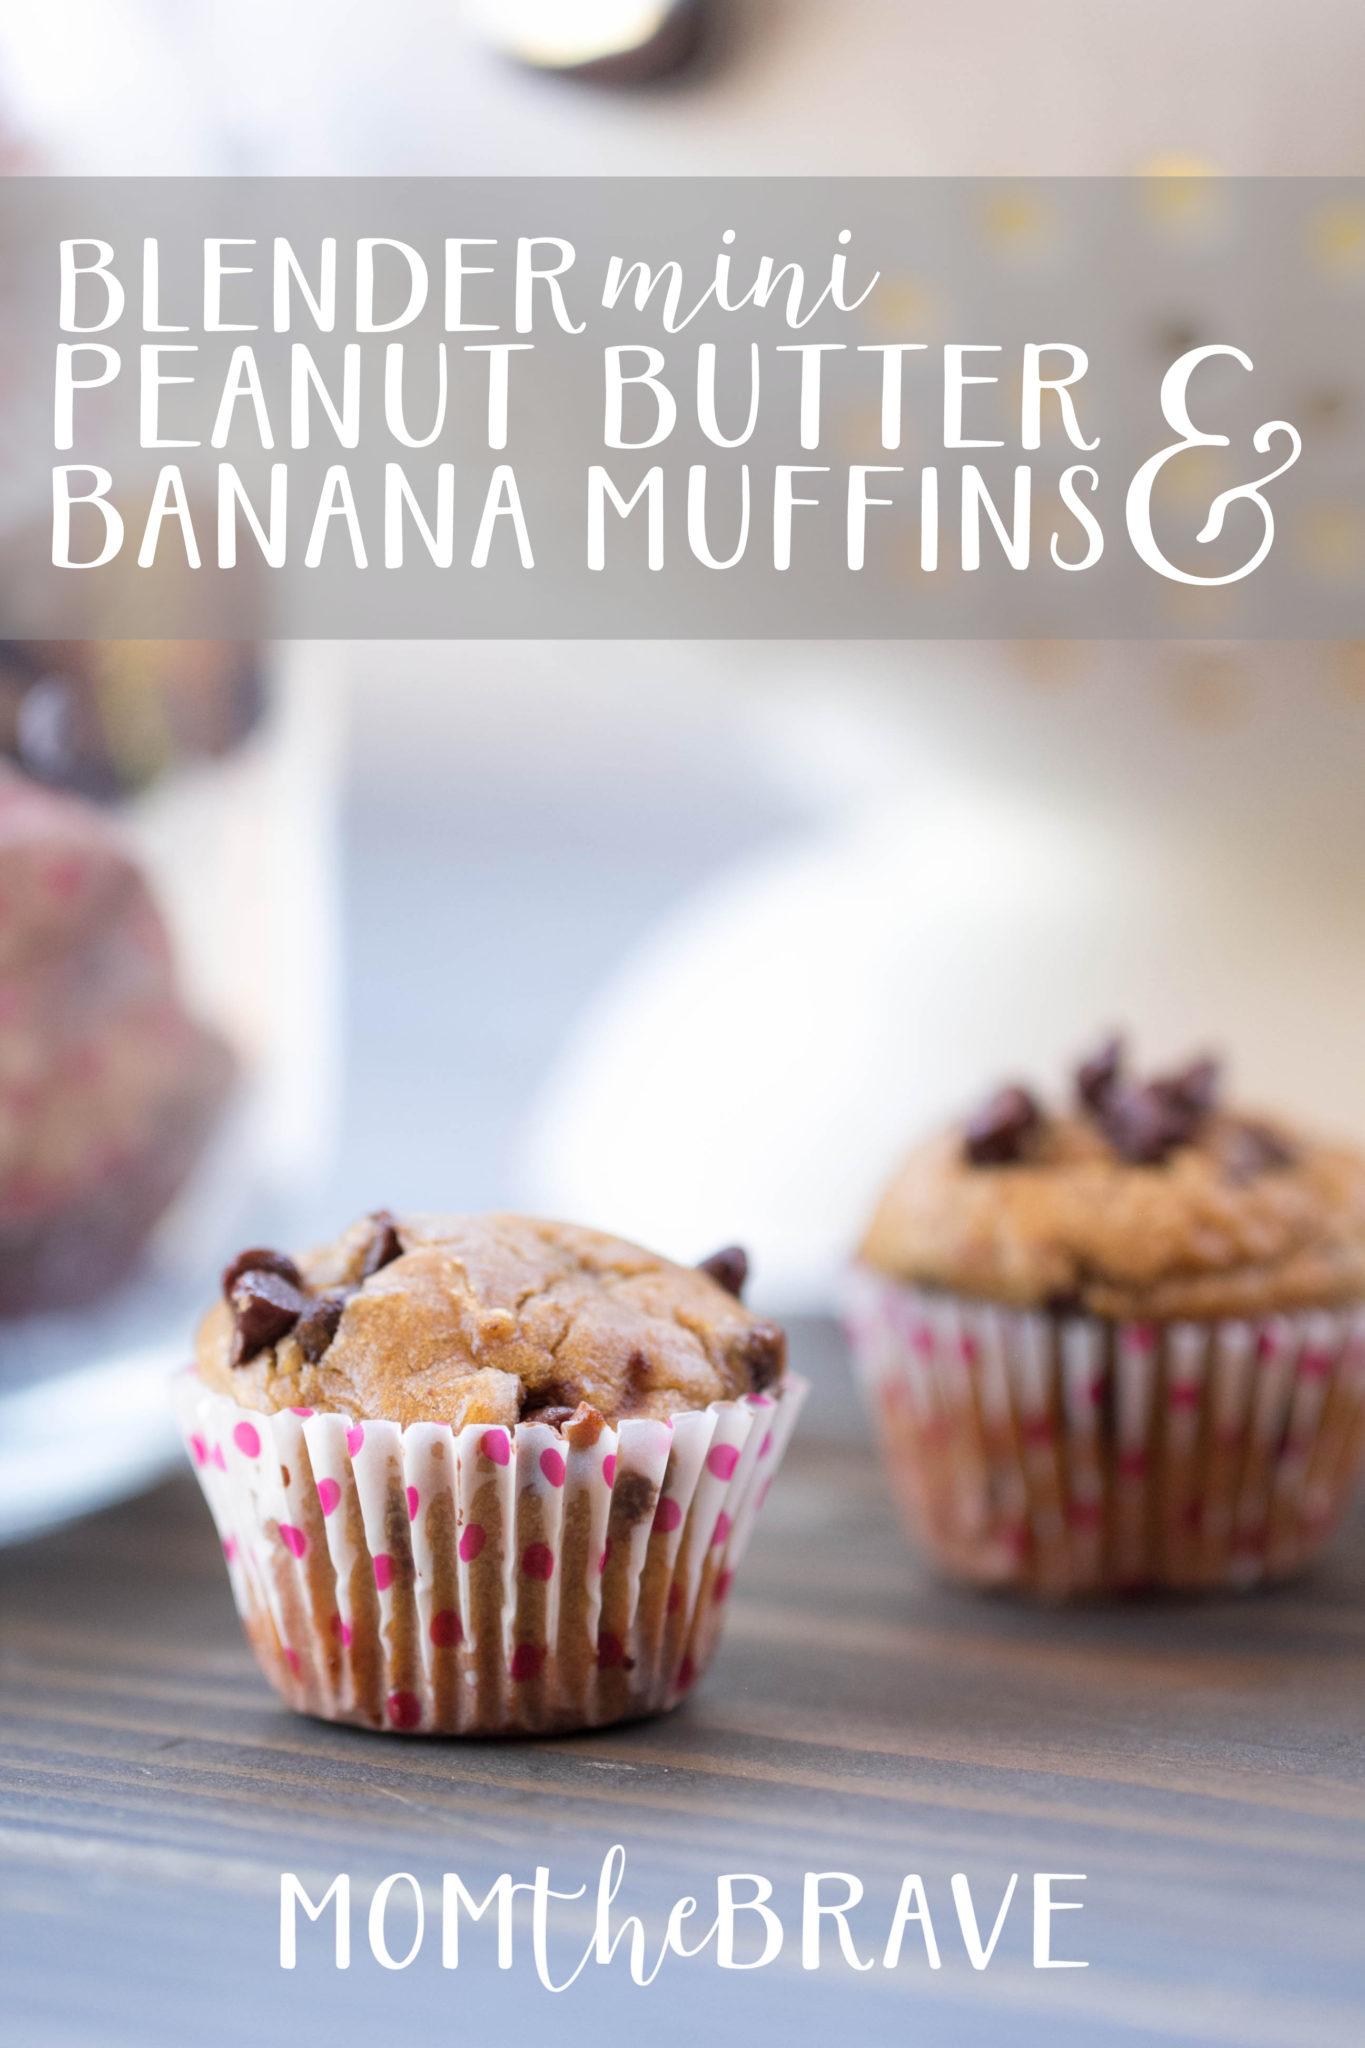 Blender Mini Peanut Butter Banana Muffins